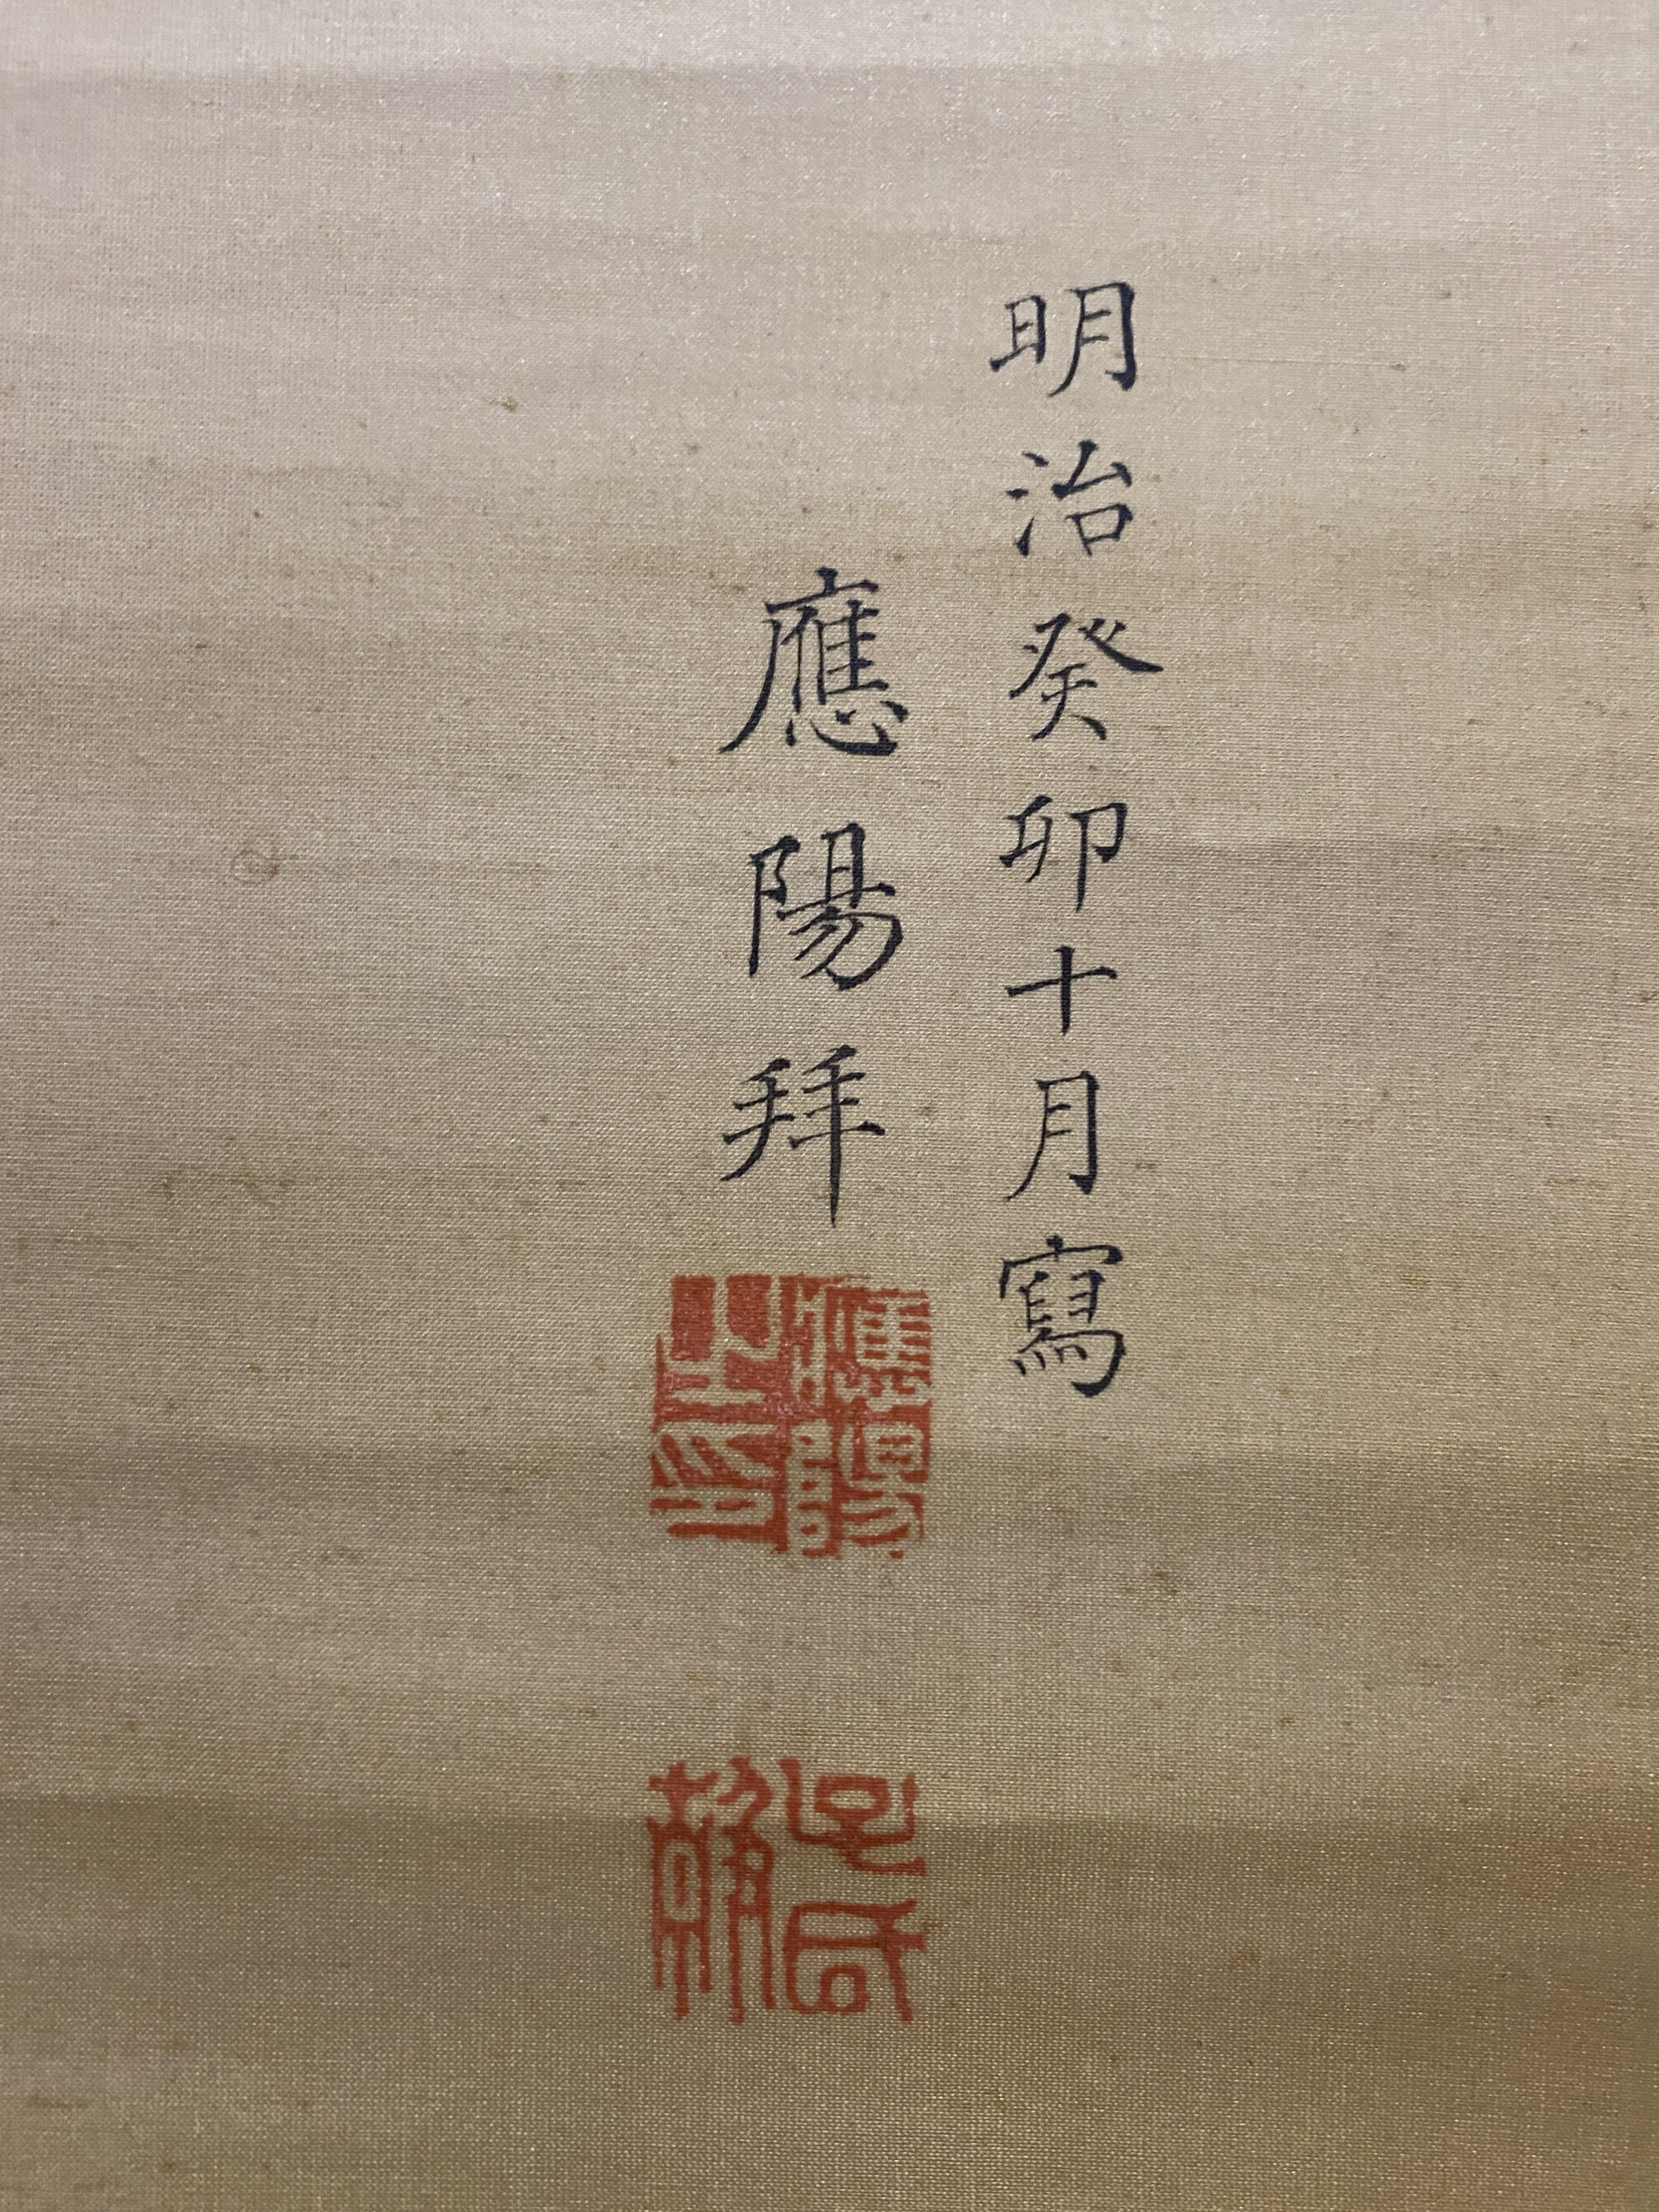 國井応陽筆 朝日図